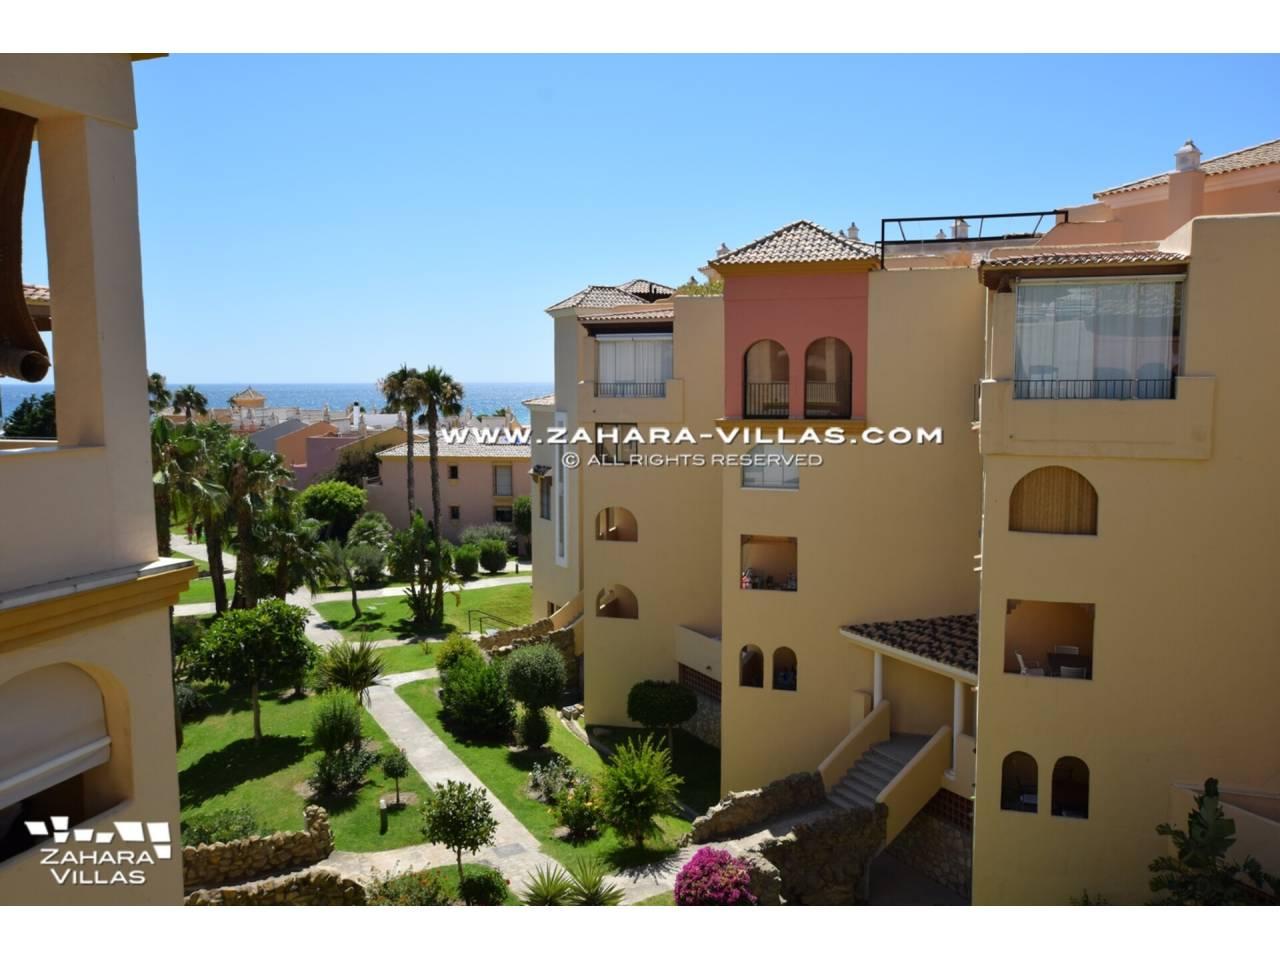 Imagen 1 de Penthouse apartment for sale in Zahara de los Atunes